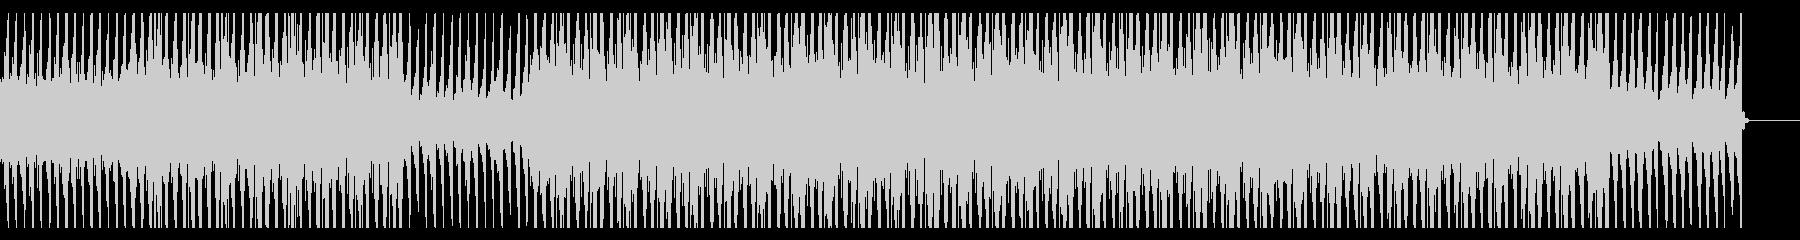 重く暗い空気感の漂うBGMの未再生の波形